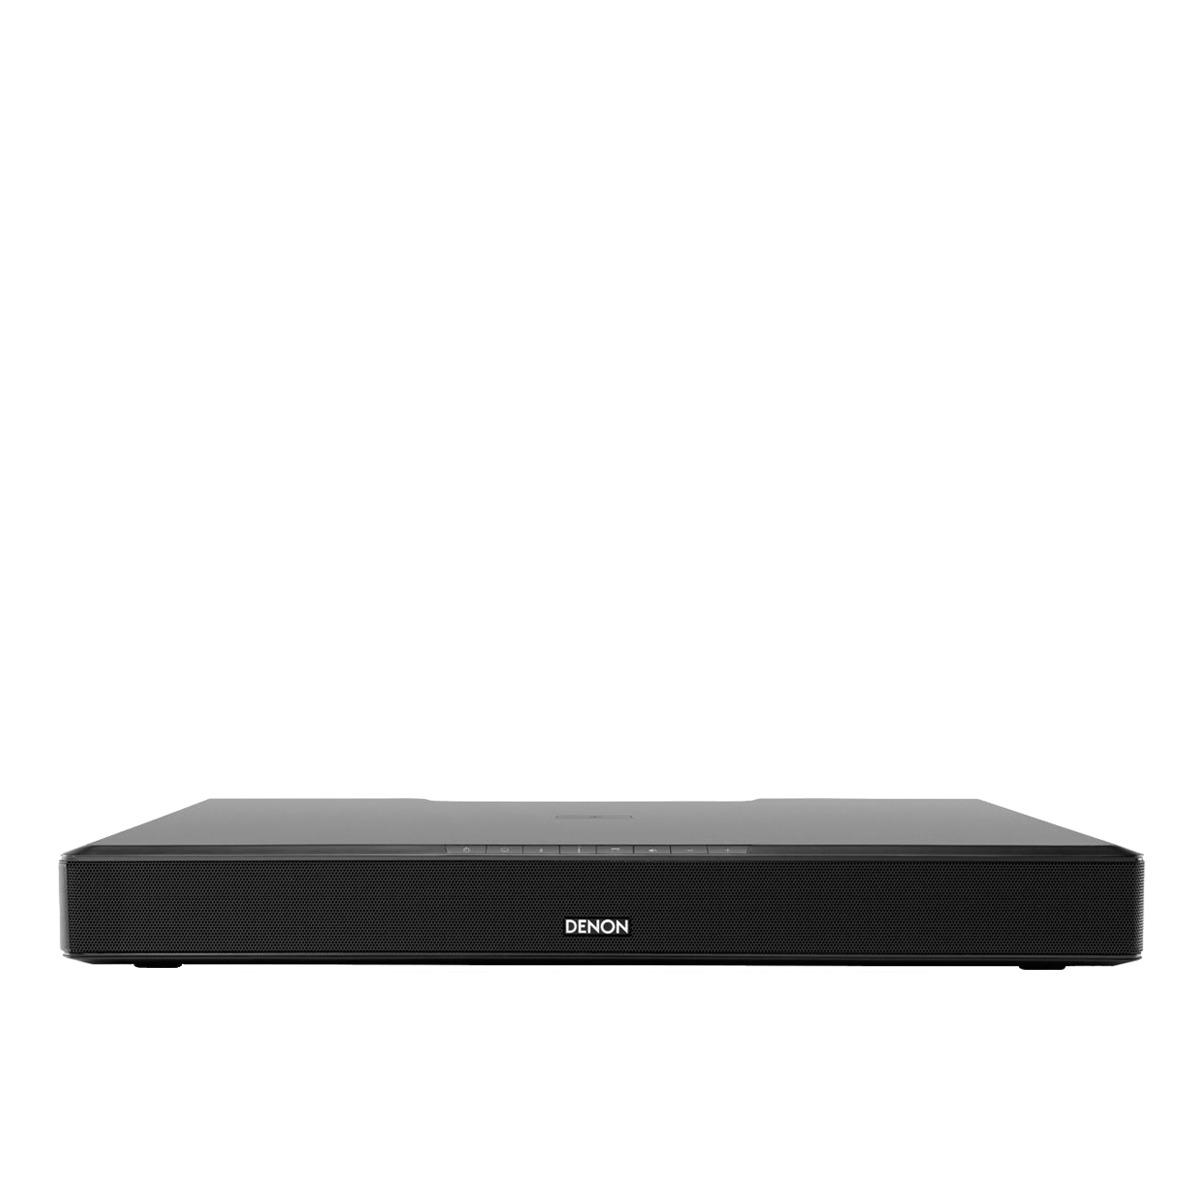 Barra de Sonido Denon DHT-T100 2.0 con Bluetooth